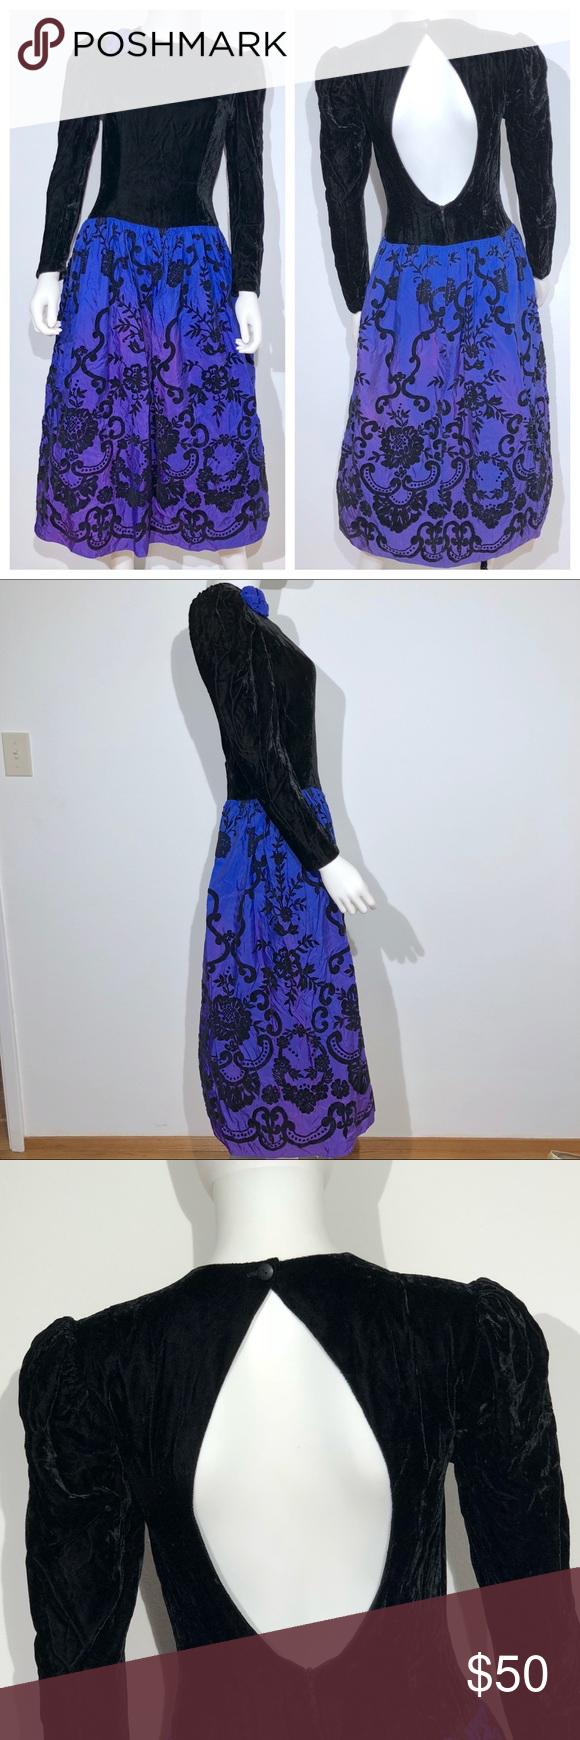 Scott mcclintock vintage prom dress sm open back in my posh